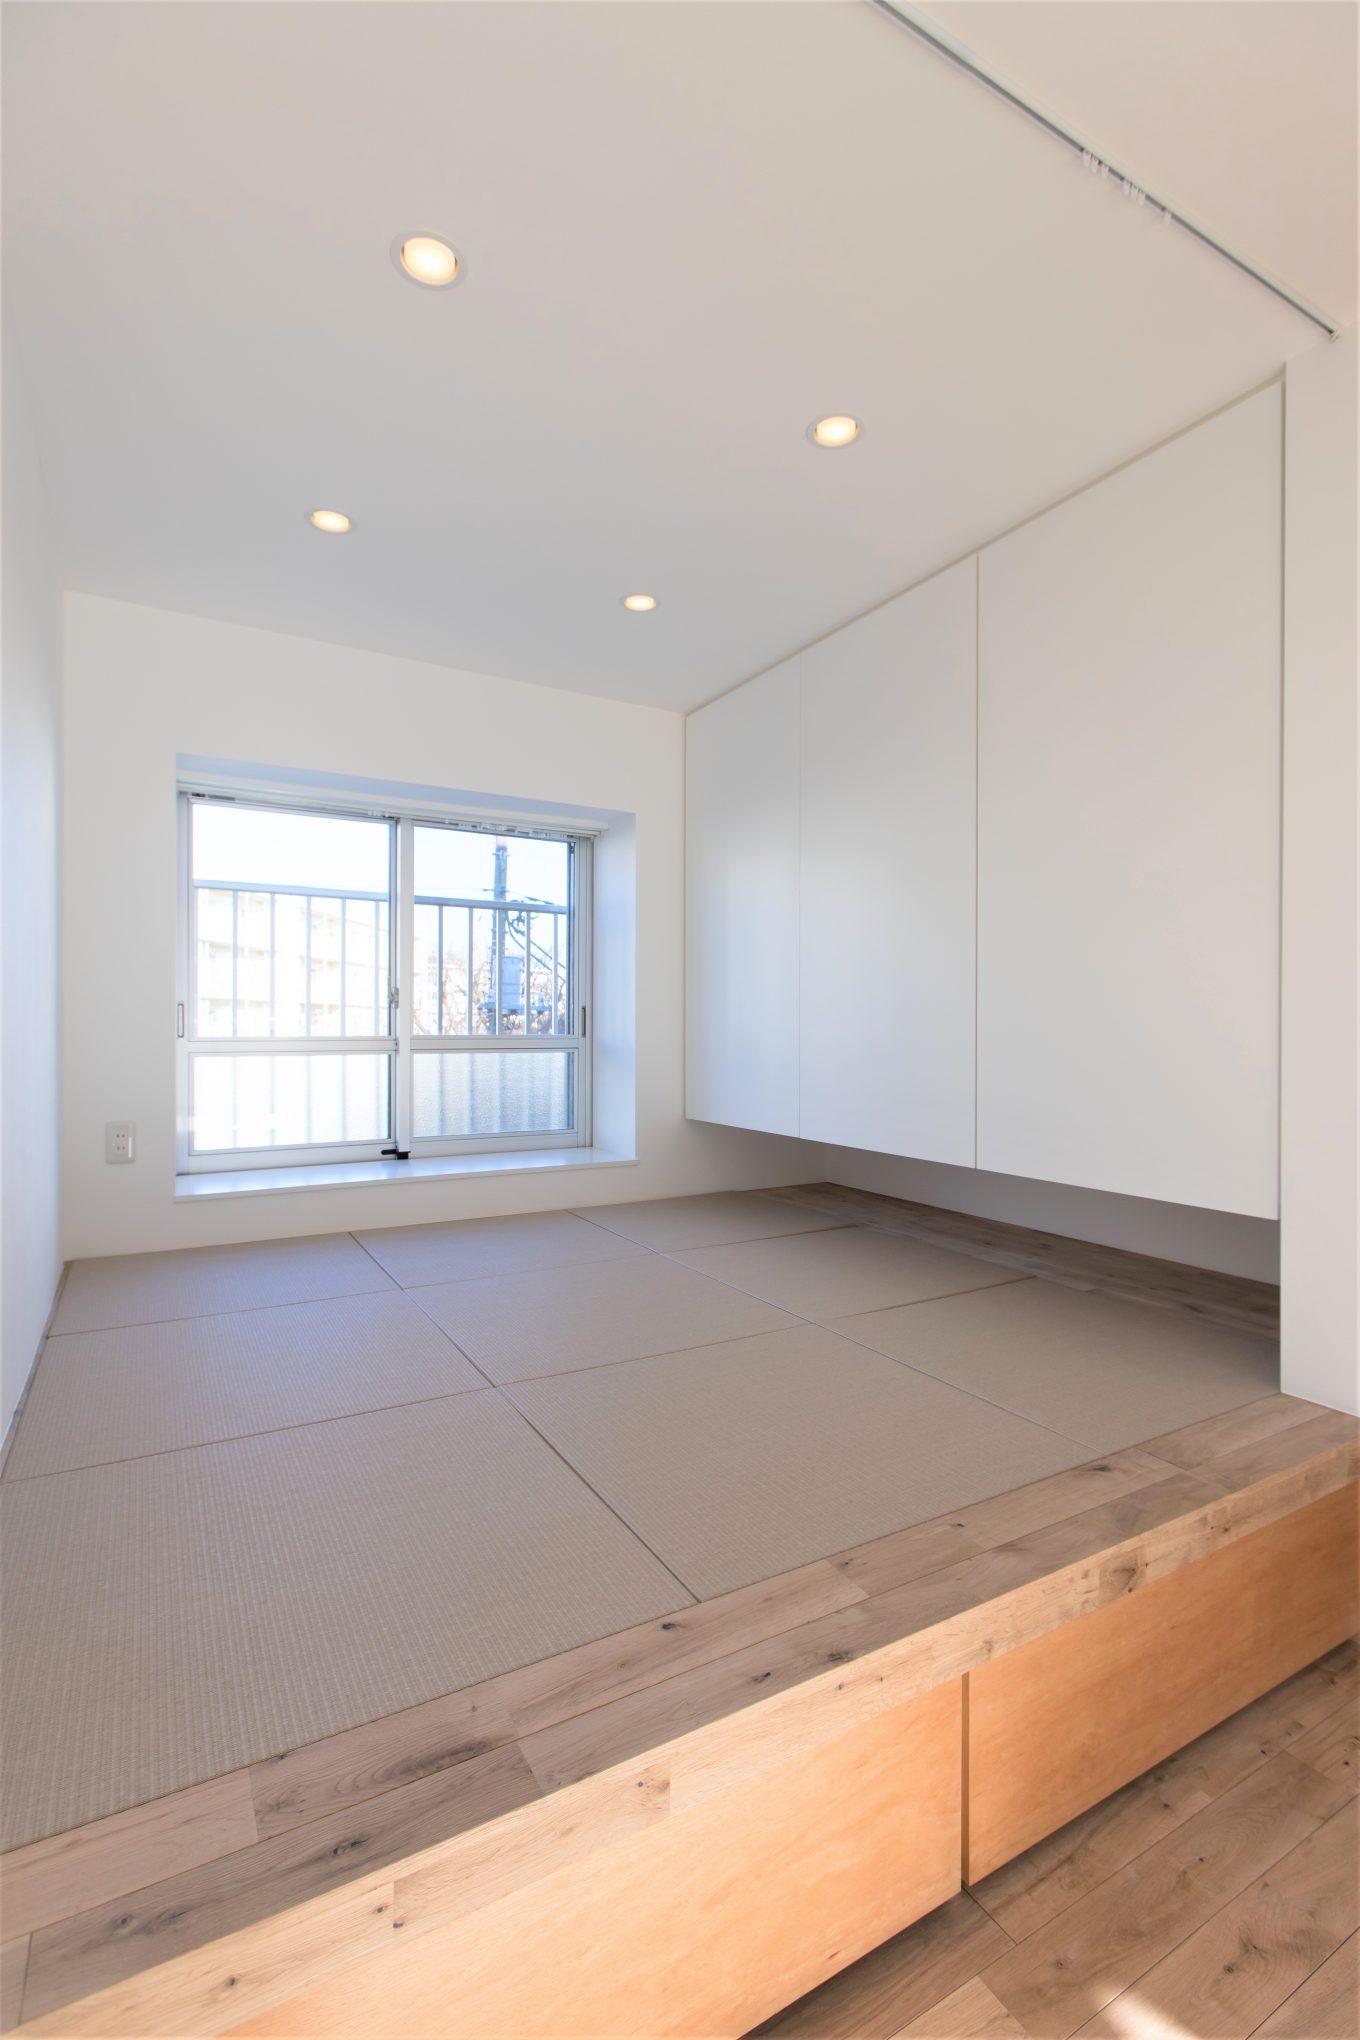 小上がりのモダン和室で落ち着く空間造り